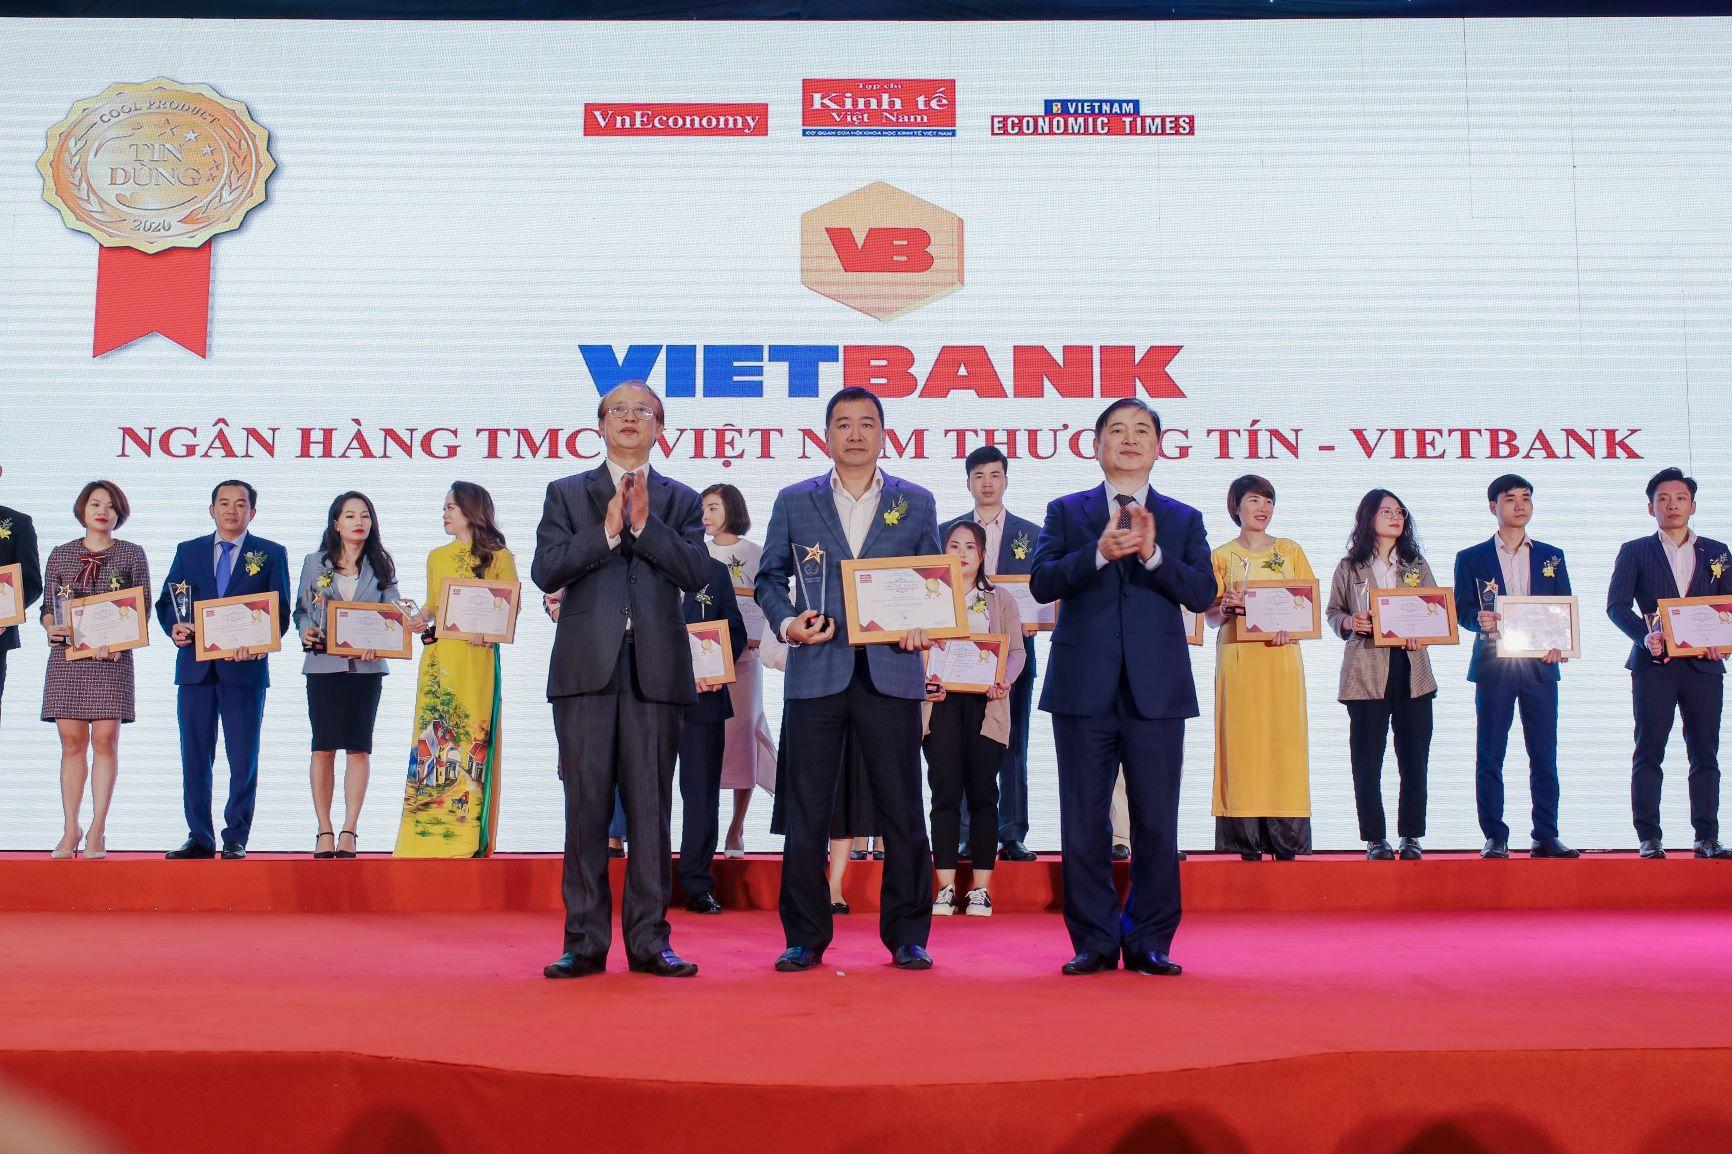 Đại diện Vietbank nhận giải Top 100 sản phẩm, dịch vụ Tin & Dùng 2020